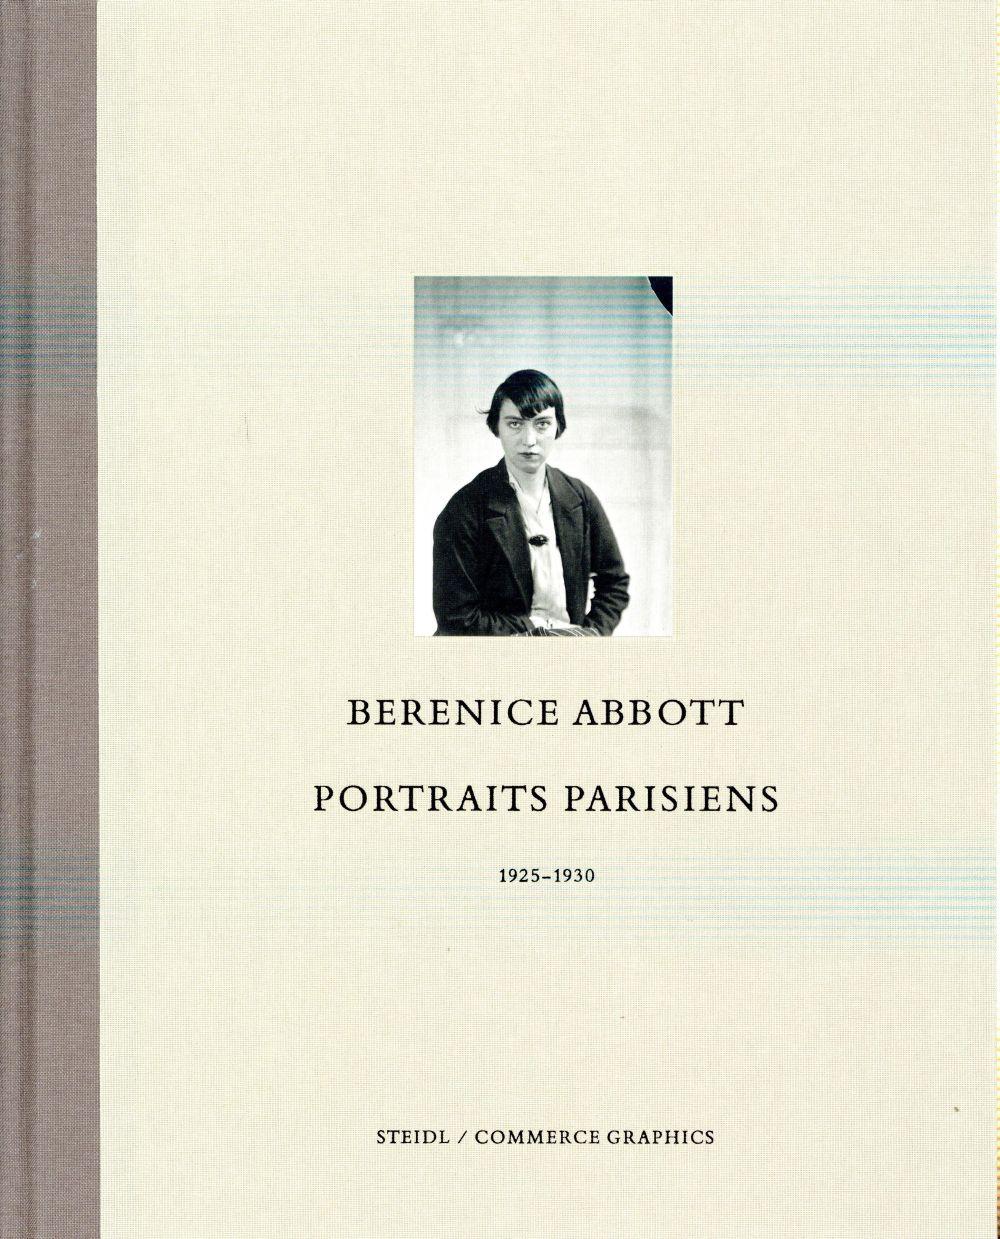 Portraits parisiens 1925-1930